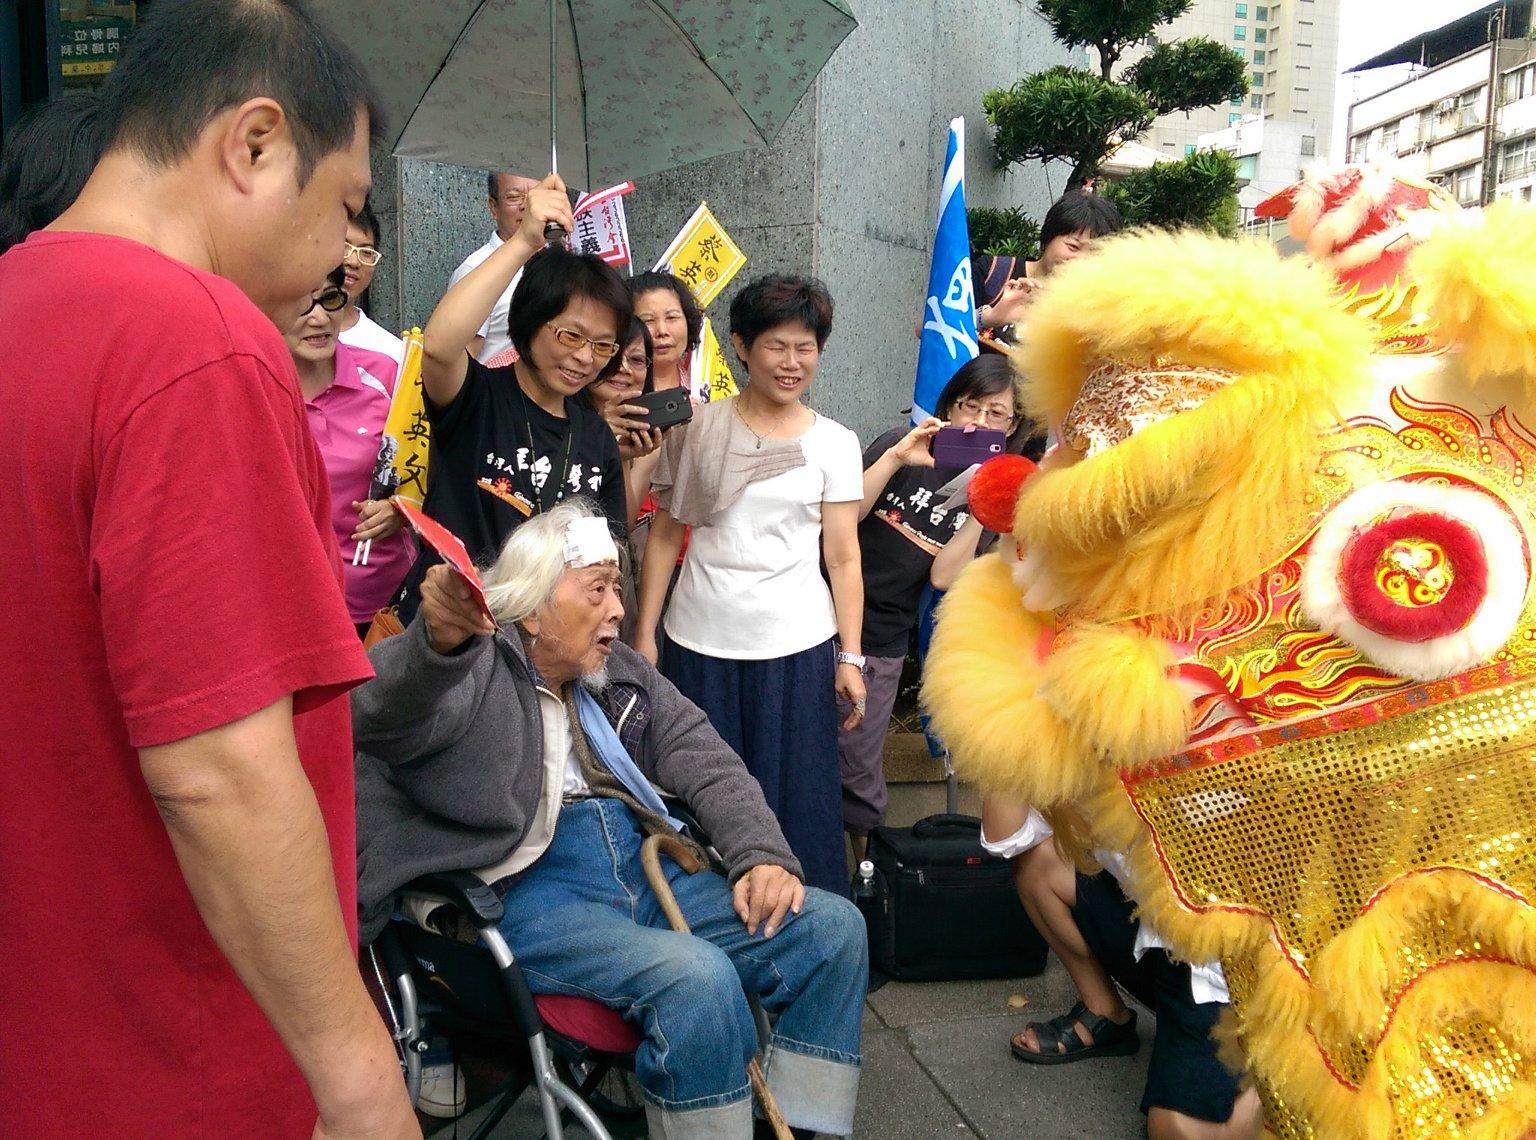 Photo courtesy of: 曾惠蘭